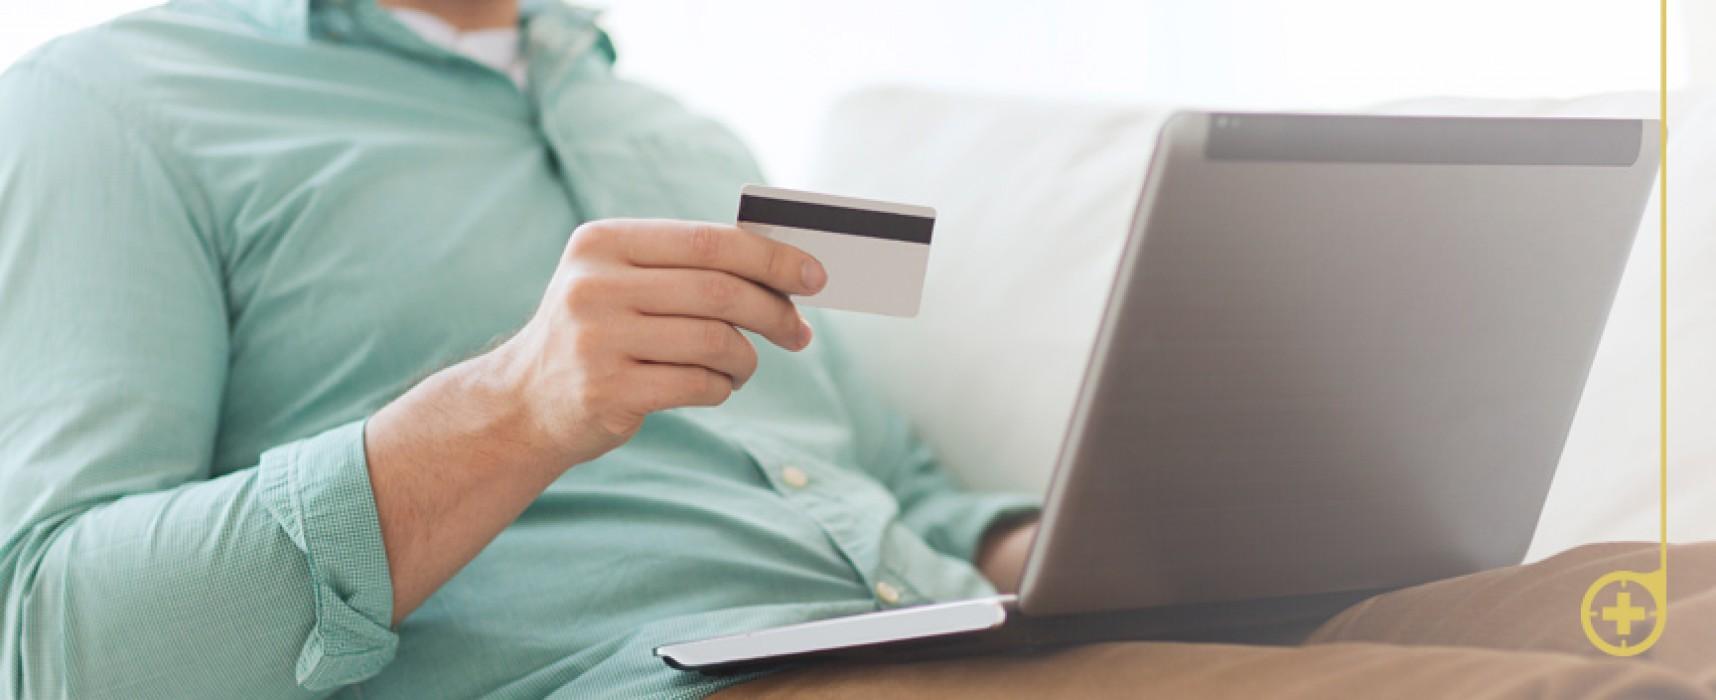 Más cerca de la venta online de medicamentos